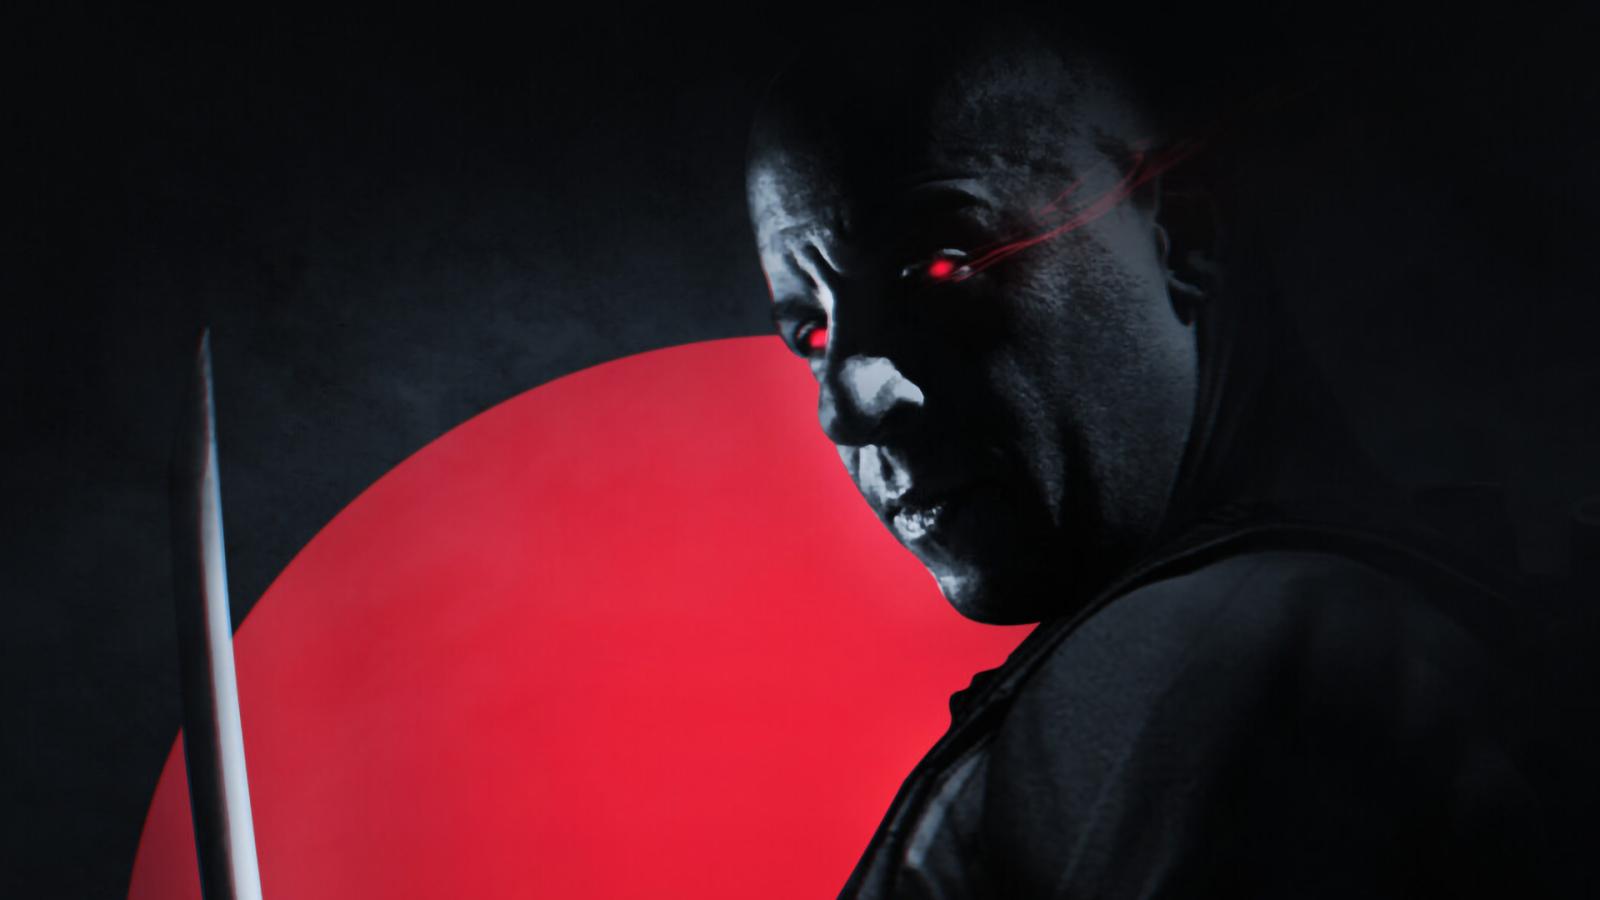 1600x900 Vin Diesel Bloodshot Movie 2020 1600x900 Resolution 1600x900